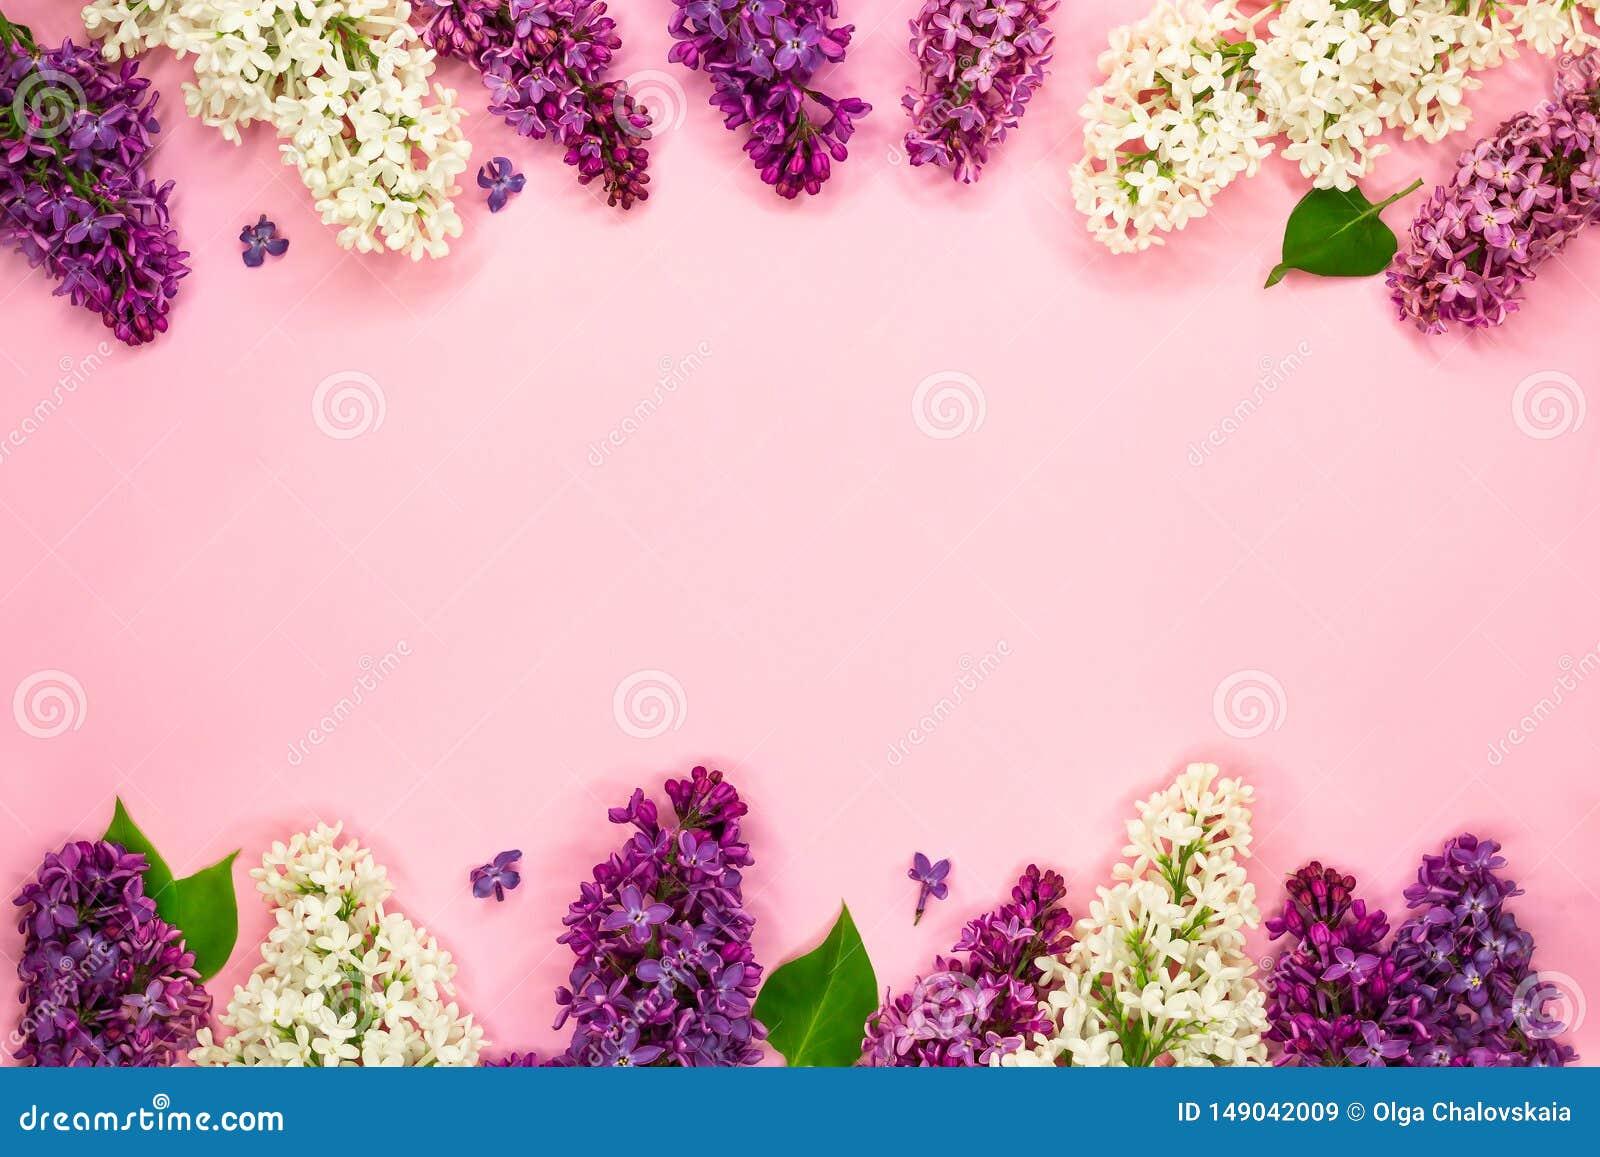 白色,紫色和紫罗兰色淡紫色花美好的花卉框架在浅粉红色的背景的 r r 浪漫的夏天